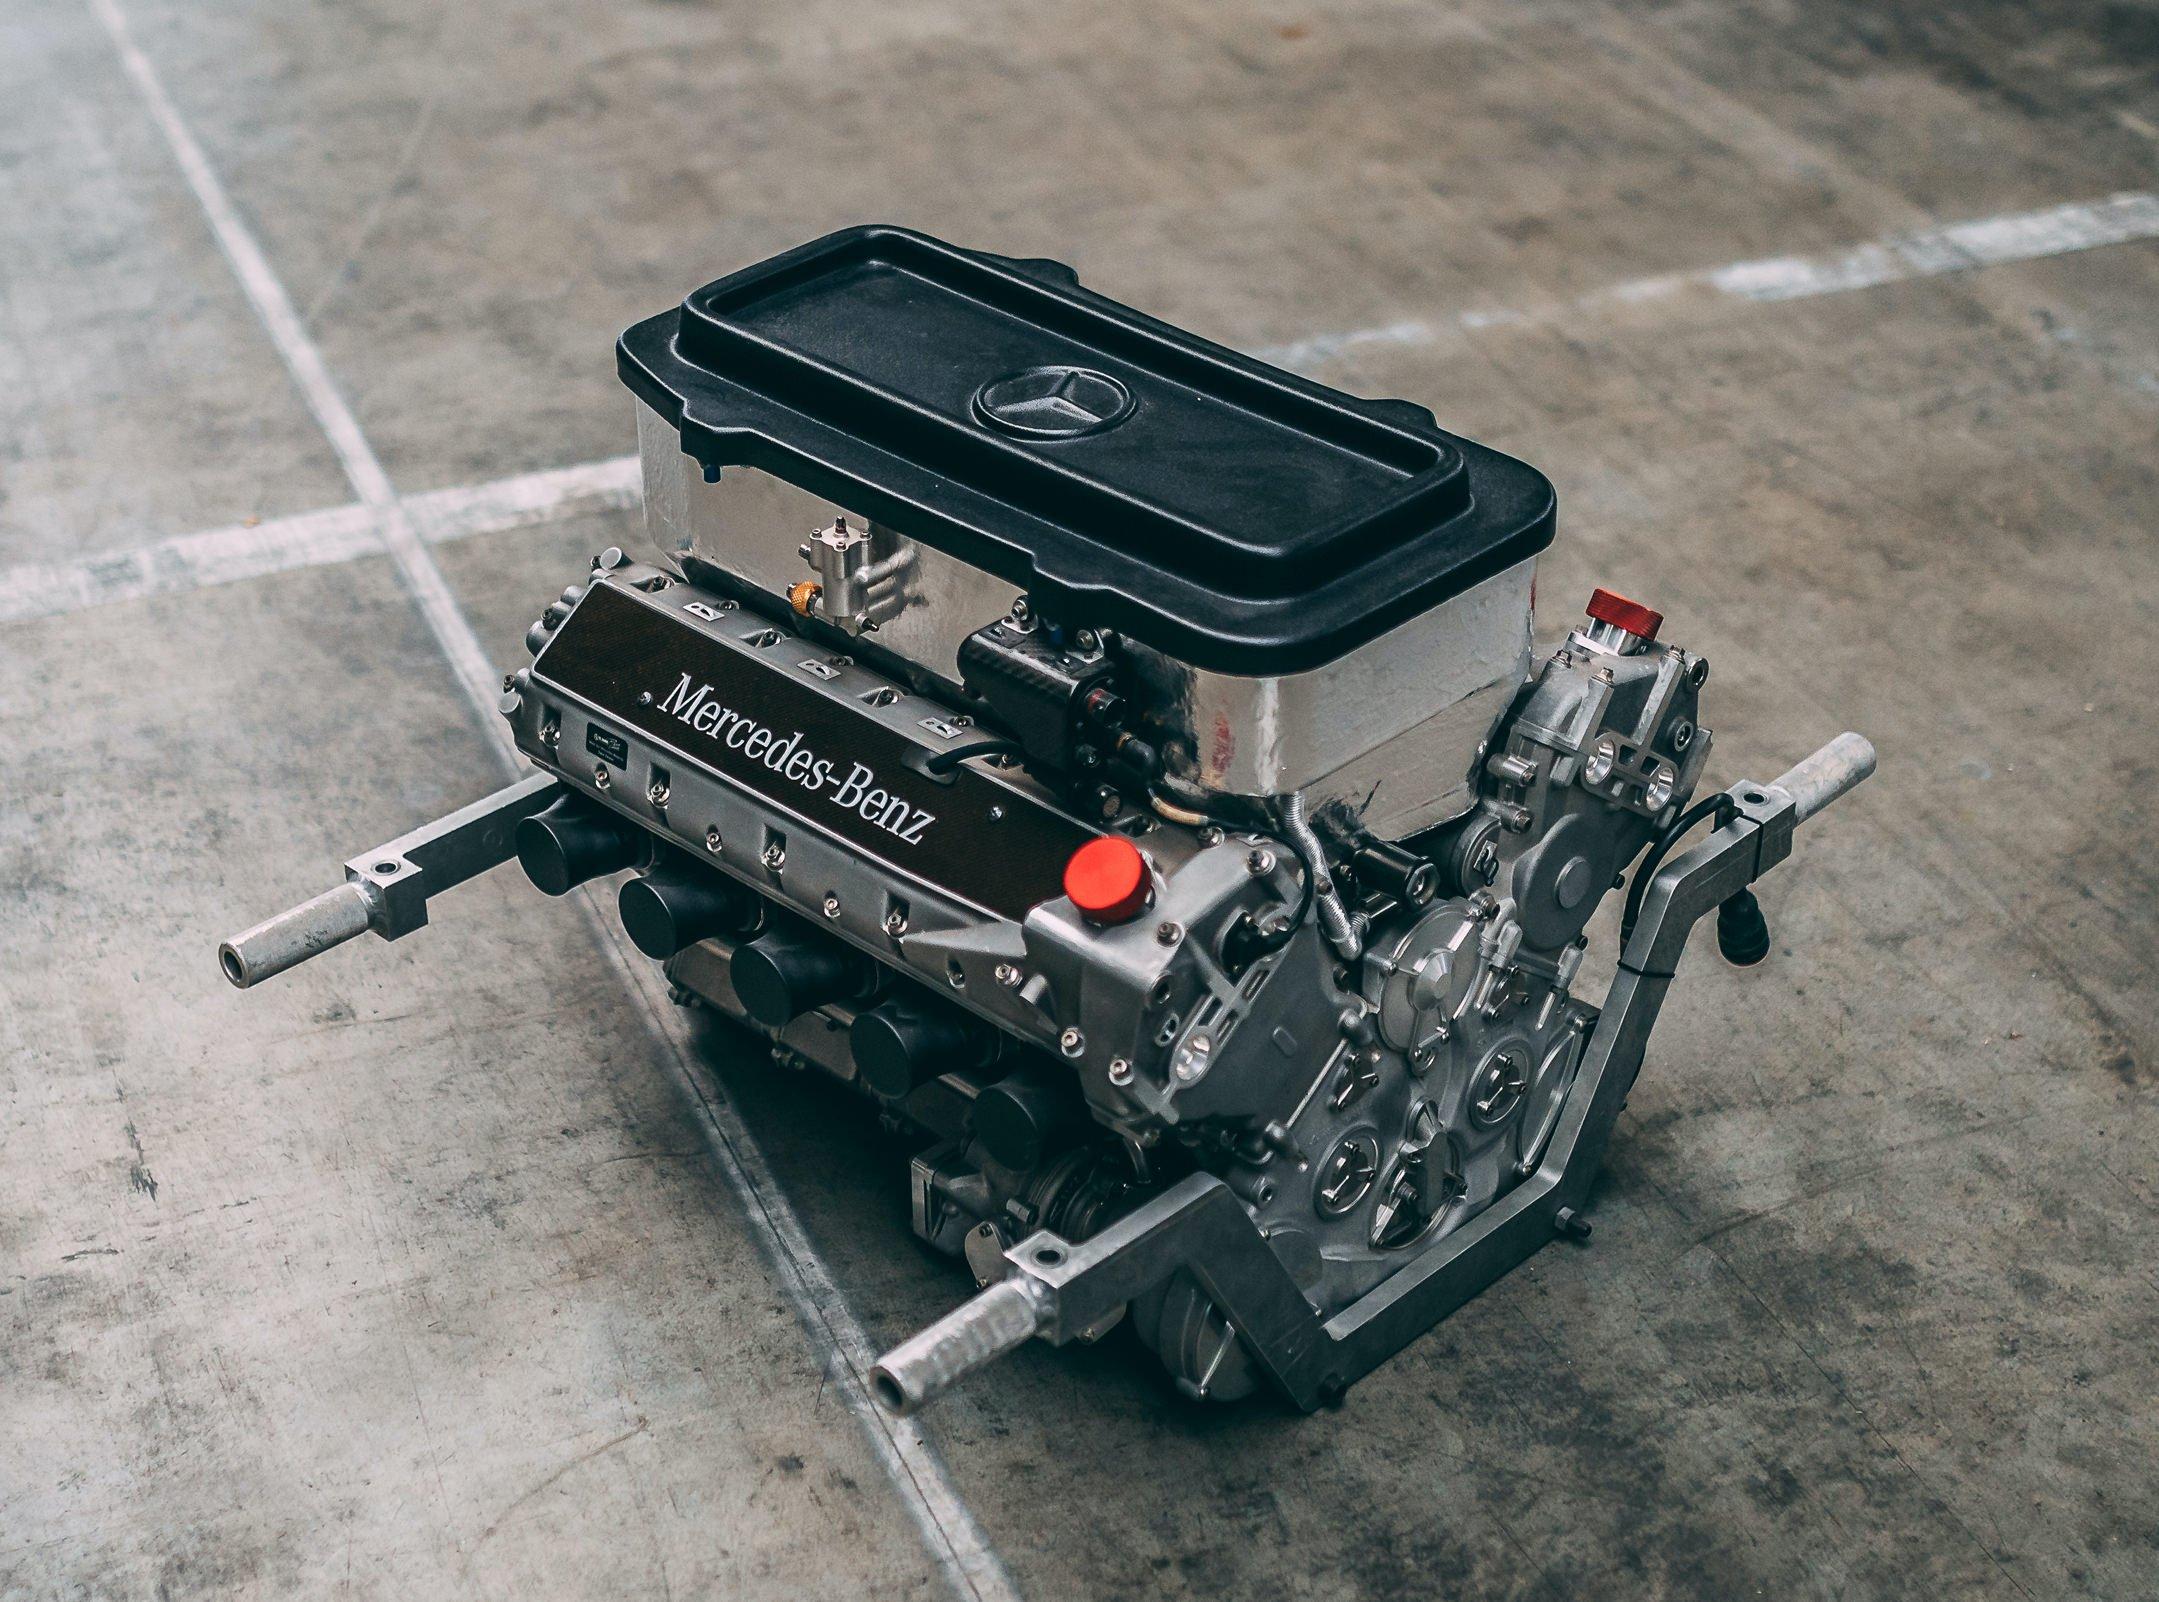 McLaren-Mercedes MP4-19 Formula 1 Engine